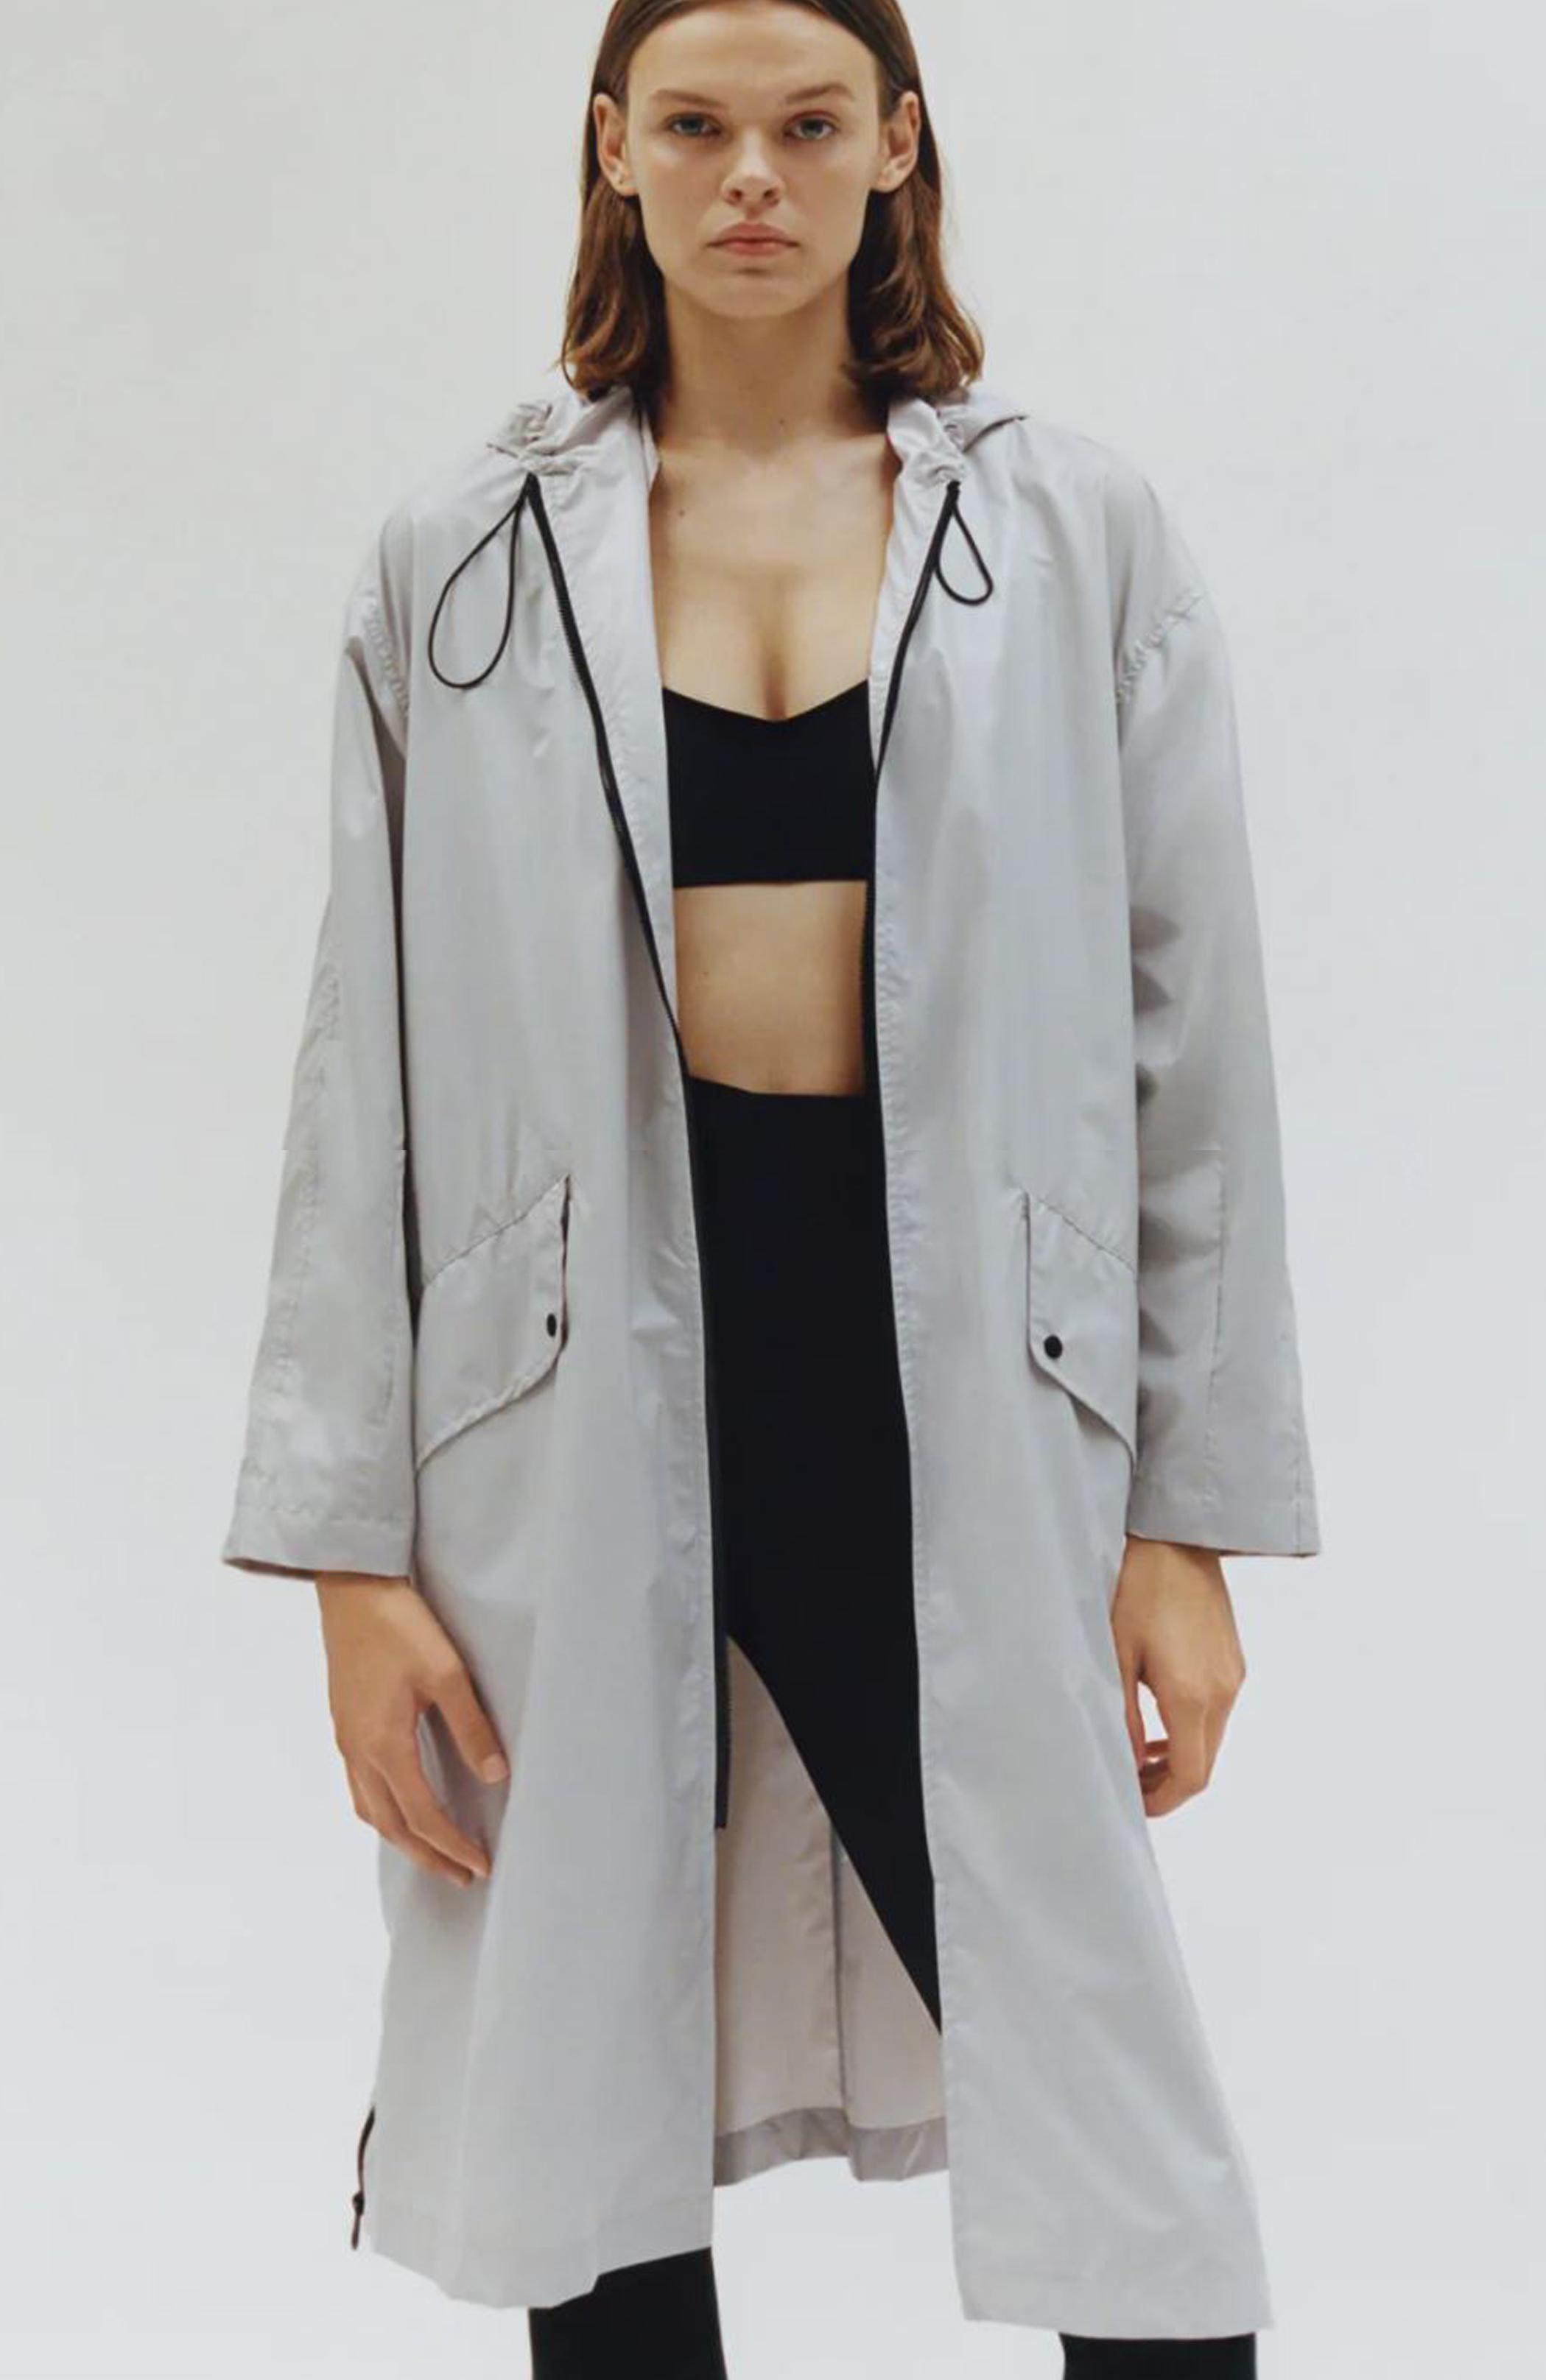 Zara Hooded Raincoat TRF £49